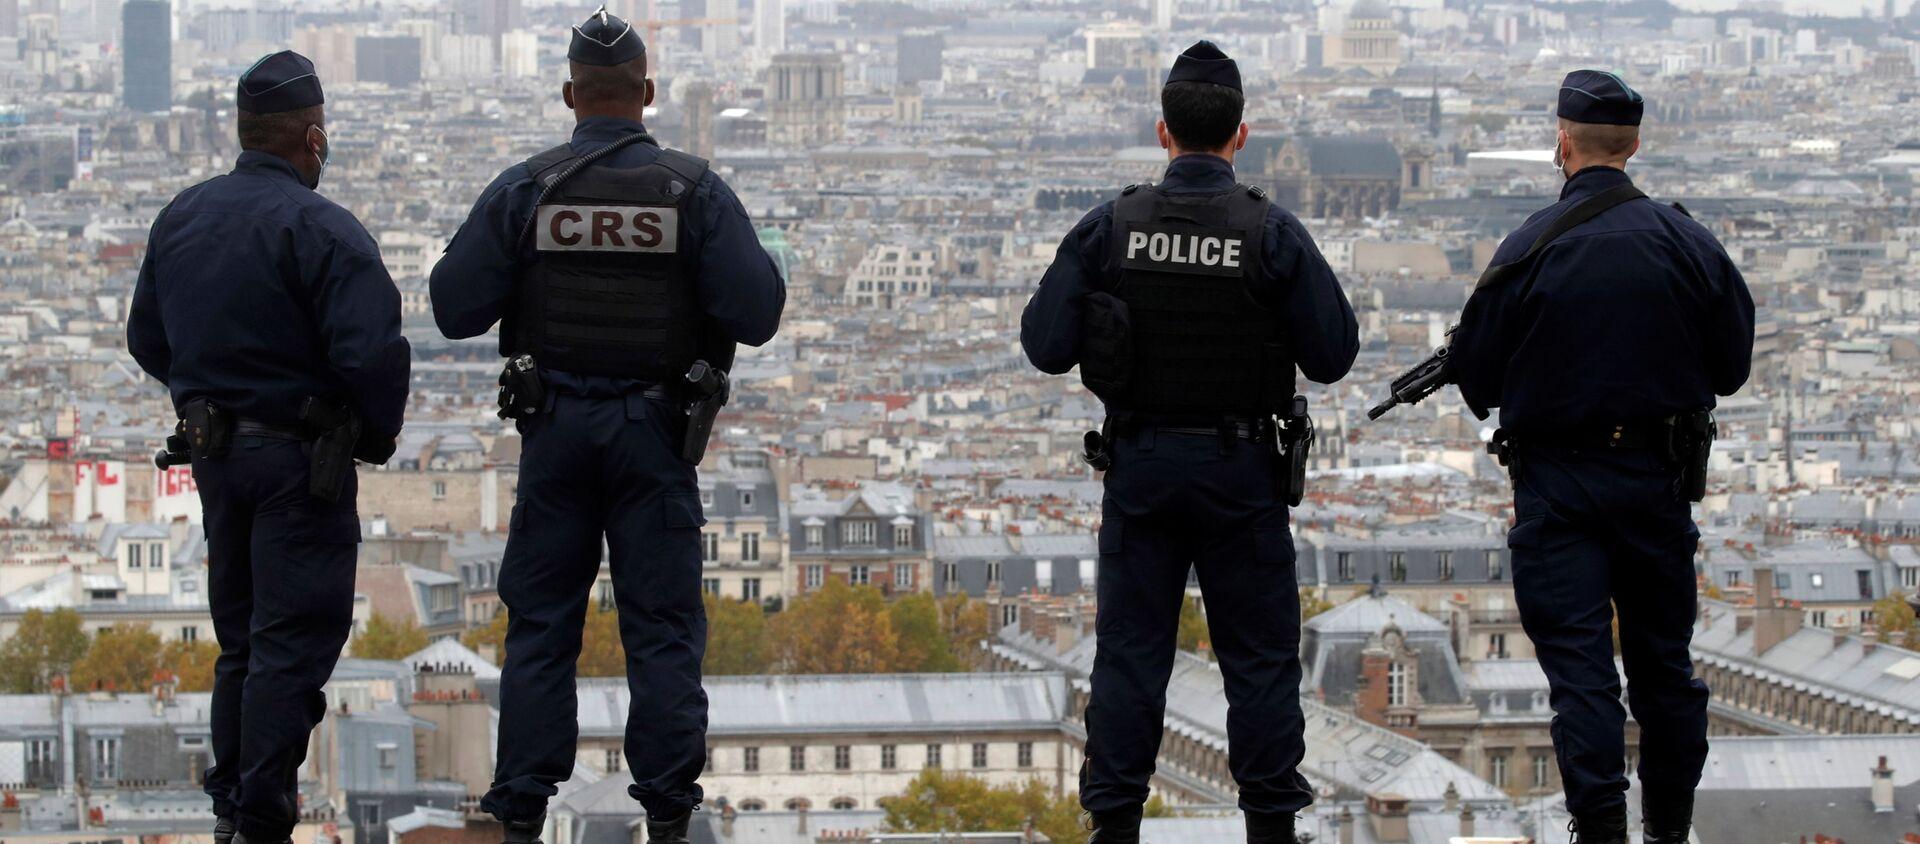 Сотрудники полиции и спецслужб Франции в Париже - Sputnik Узбекистан, 1920, 02.11.2020